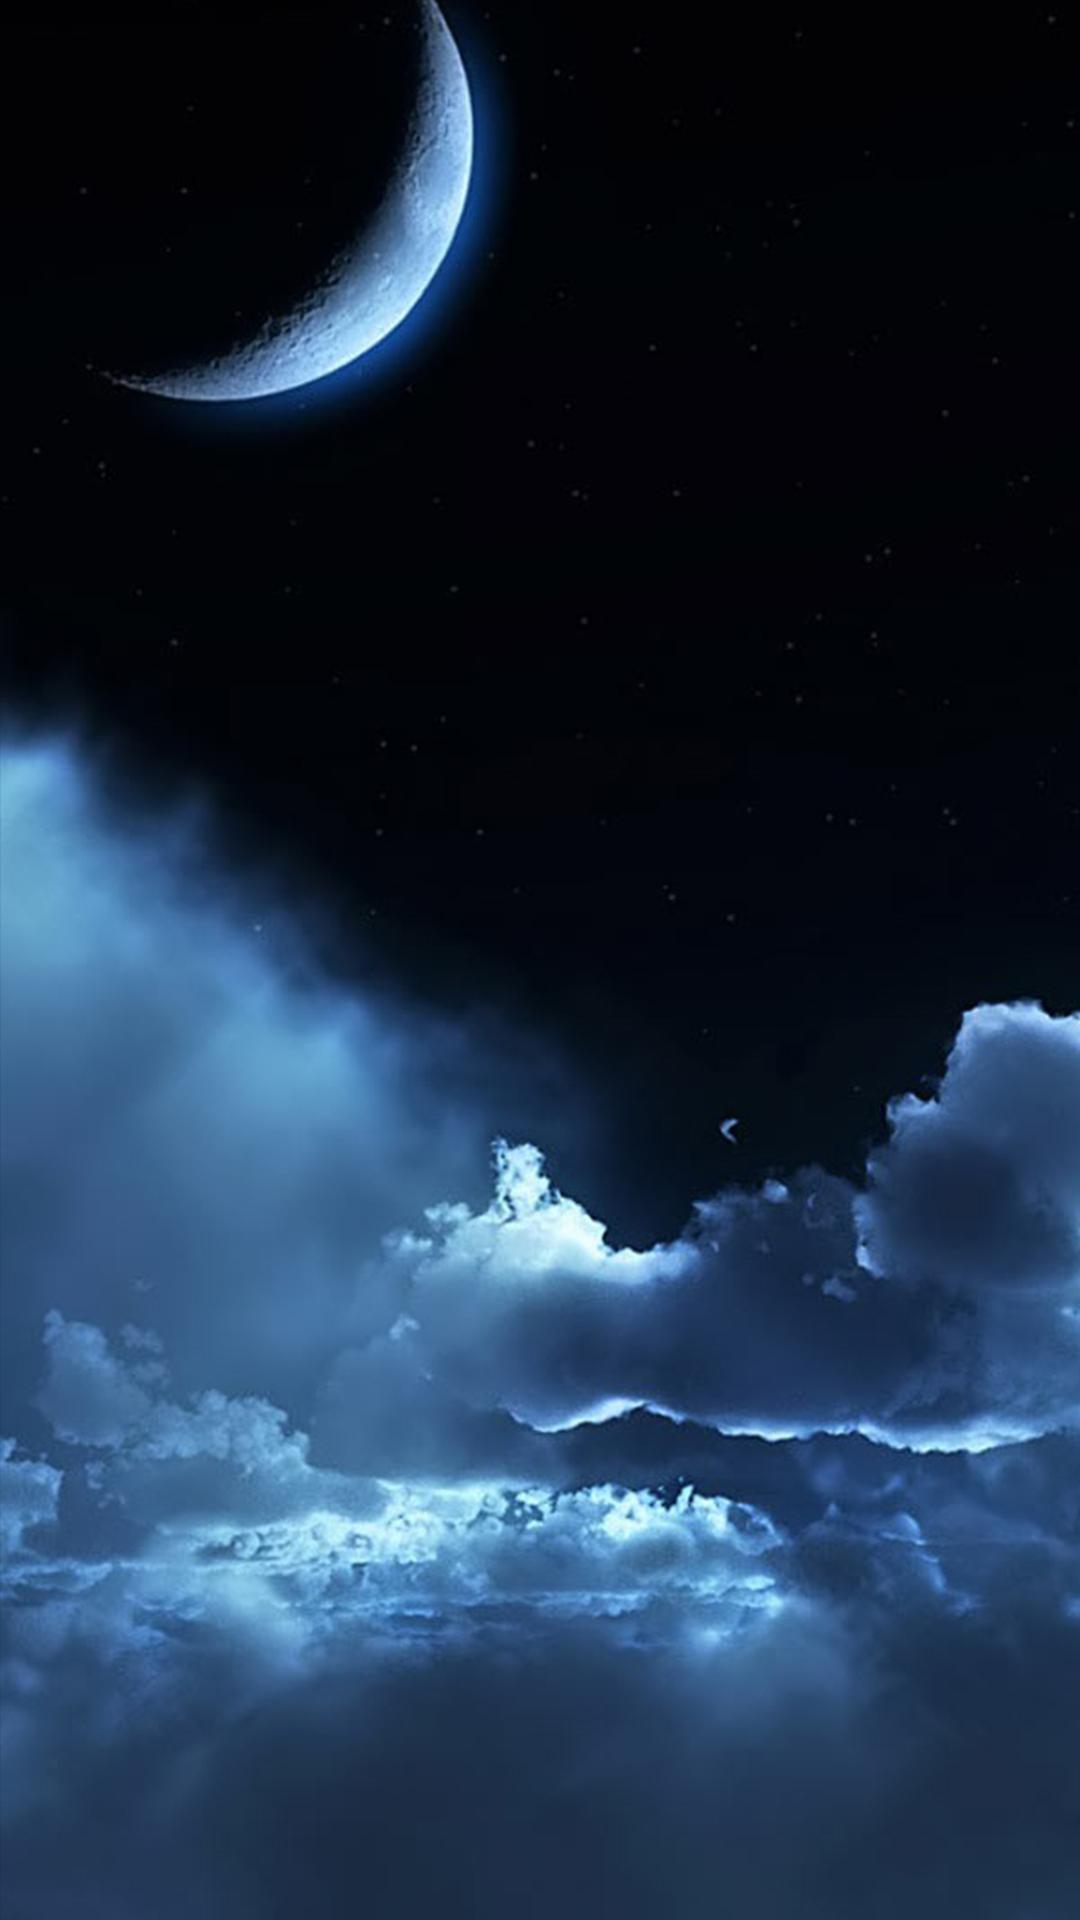 night sky phone